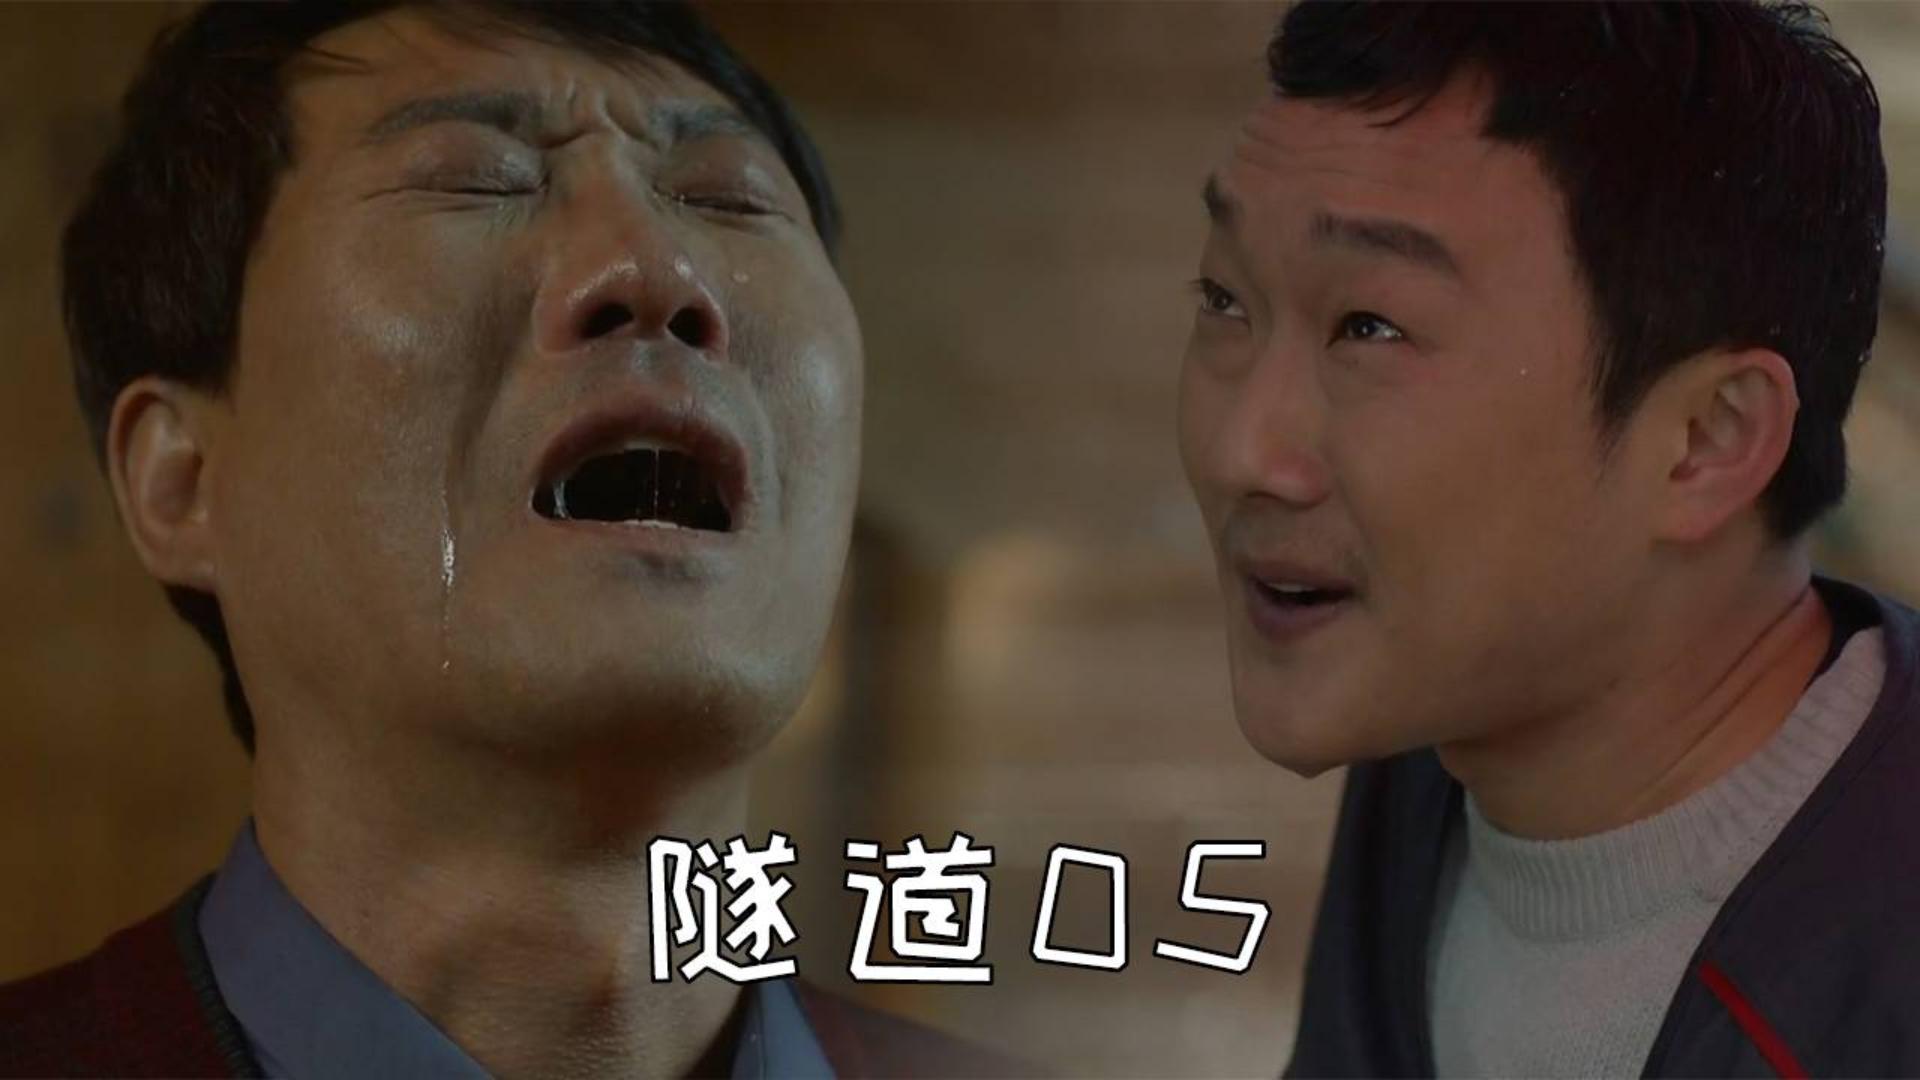 韩剧《隧道》:失去孩子的父亲,杀害了其他父亲的孩子!